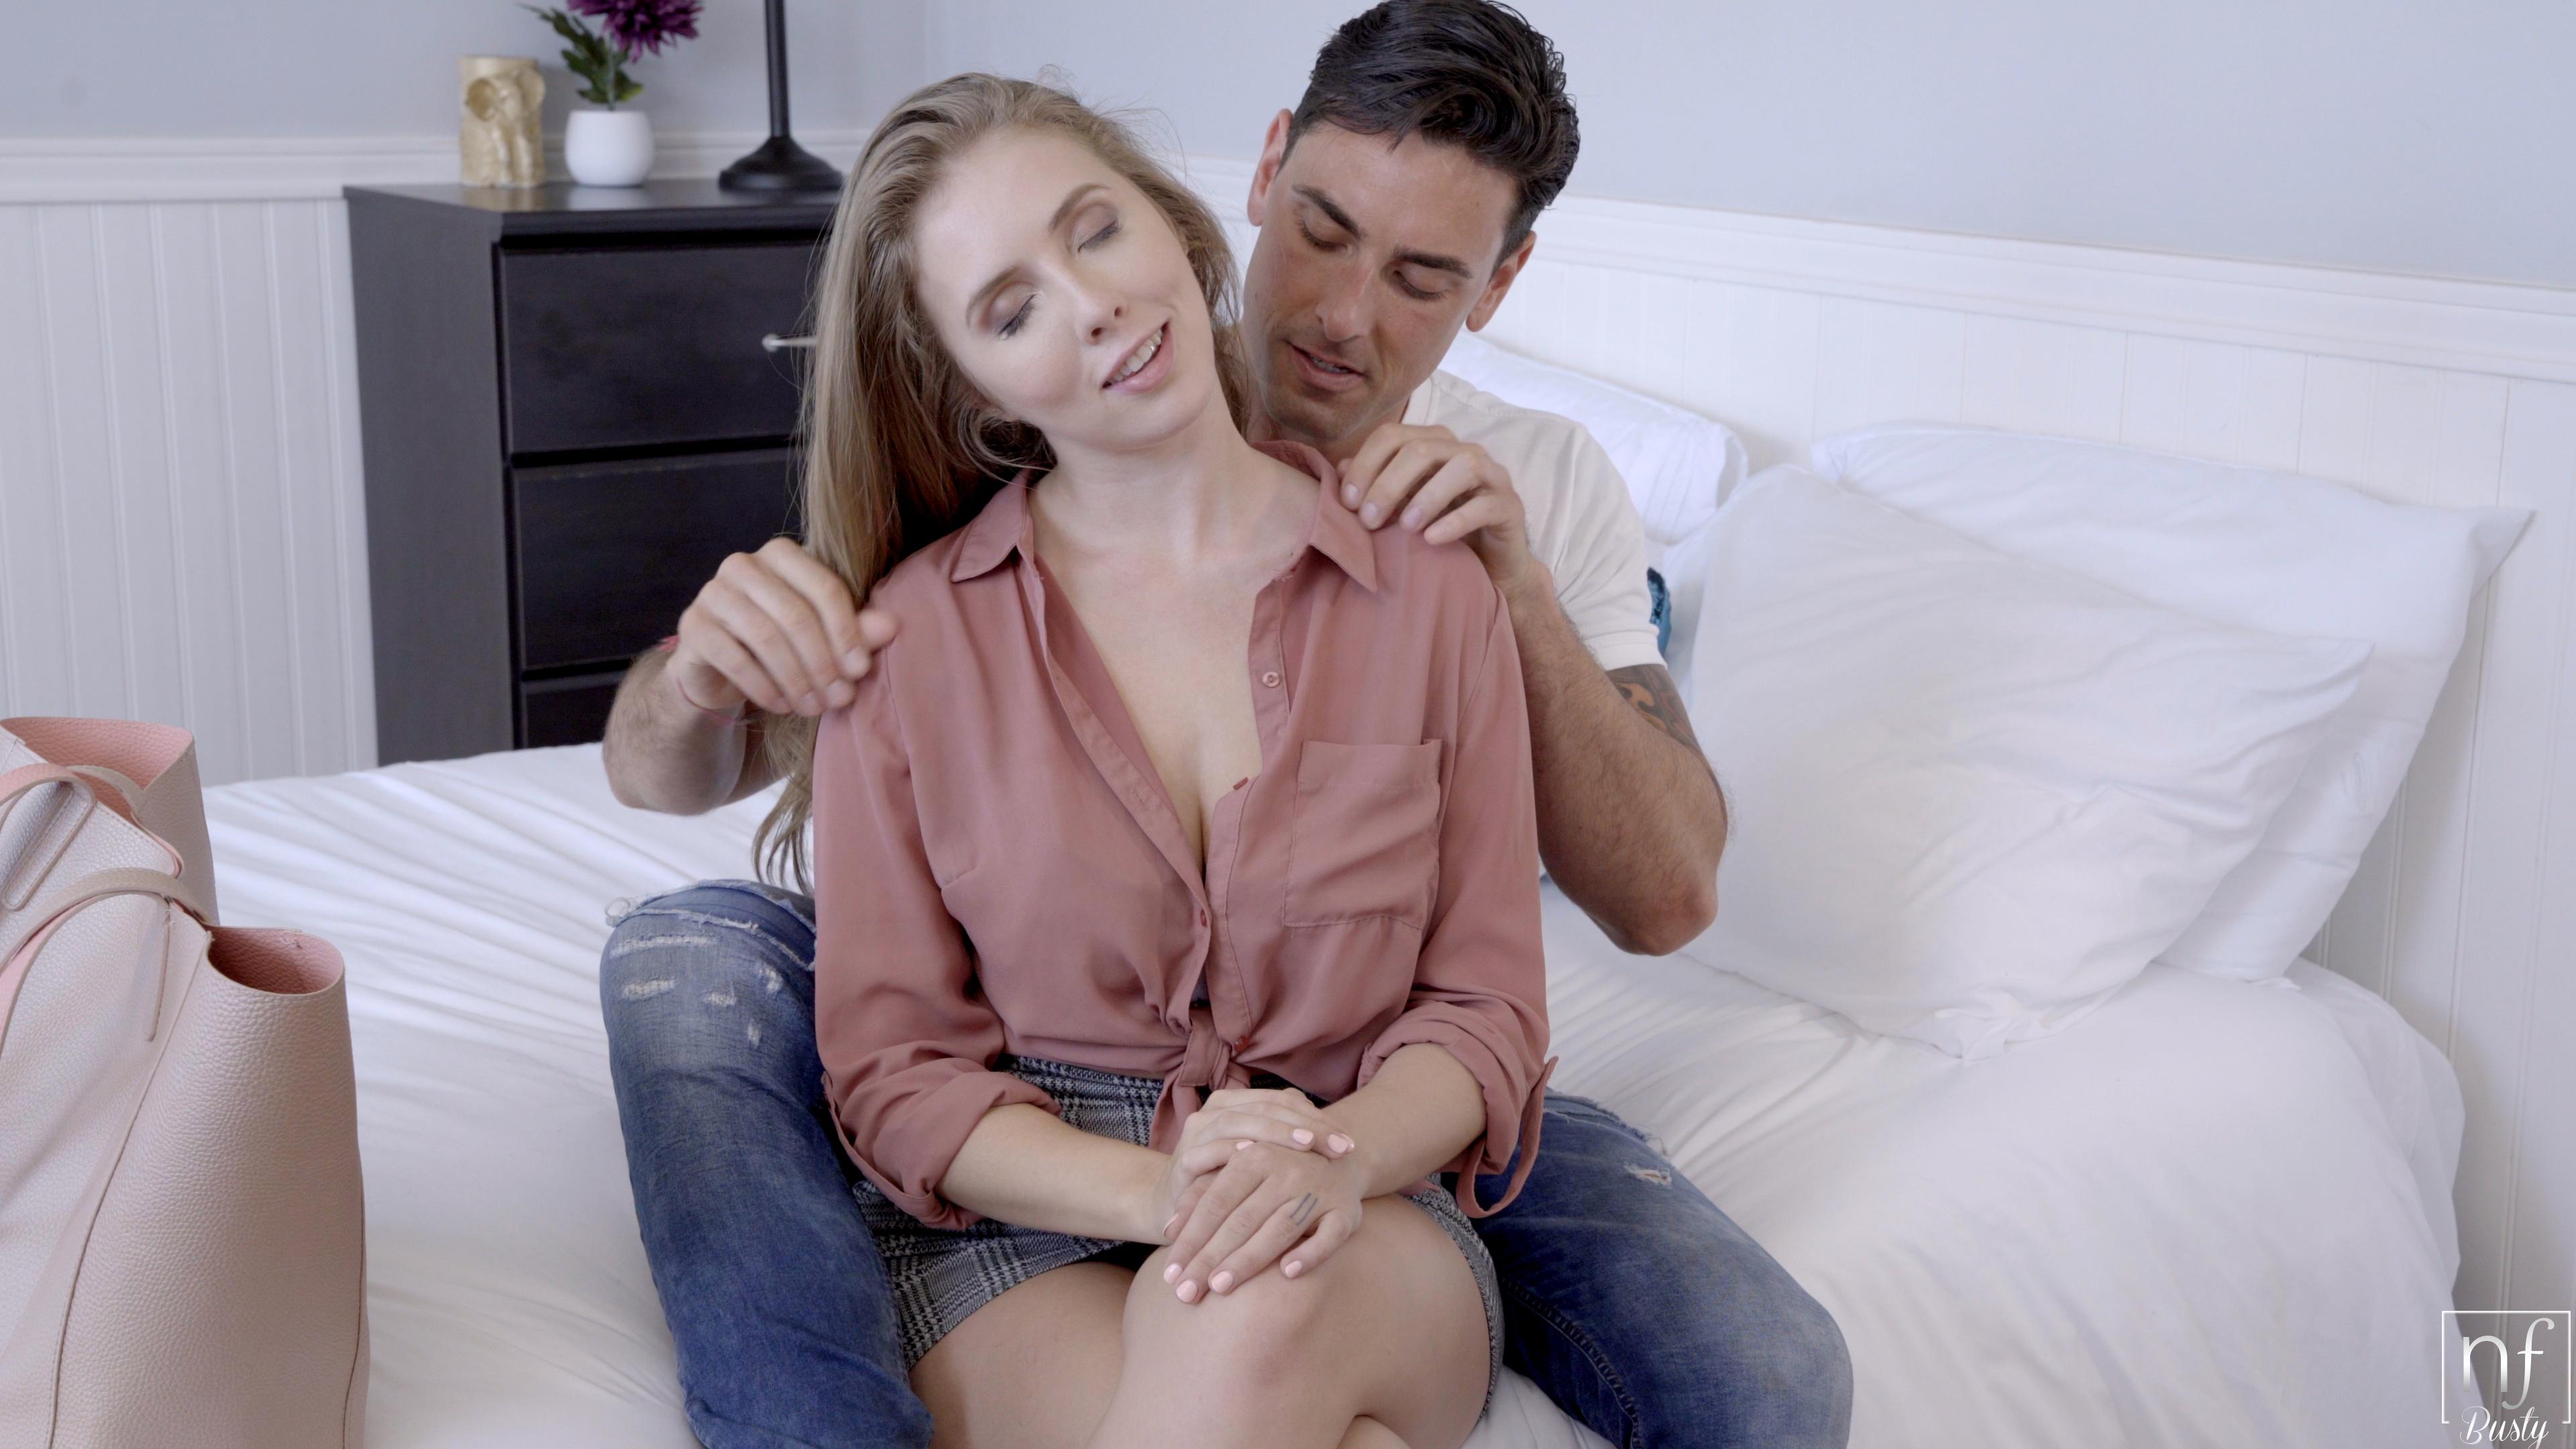 NFBusty.com - Lena Paul,Ryan Driller: Feel Your Love - S9:E7